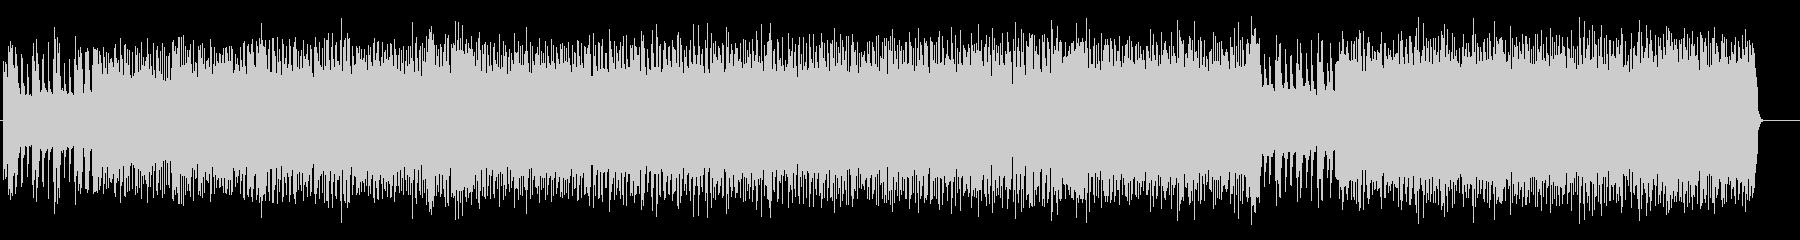 アメリカンロック/ポップ(フルサイズ)の未再生の波形